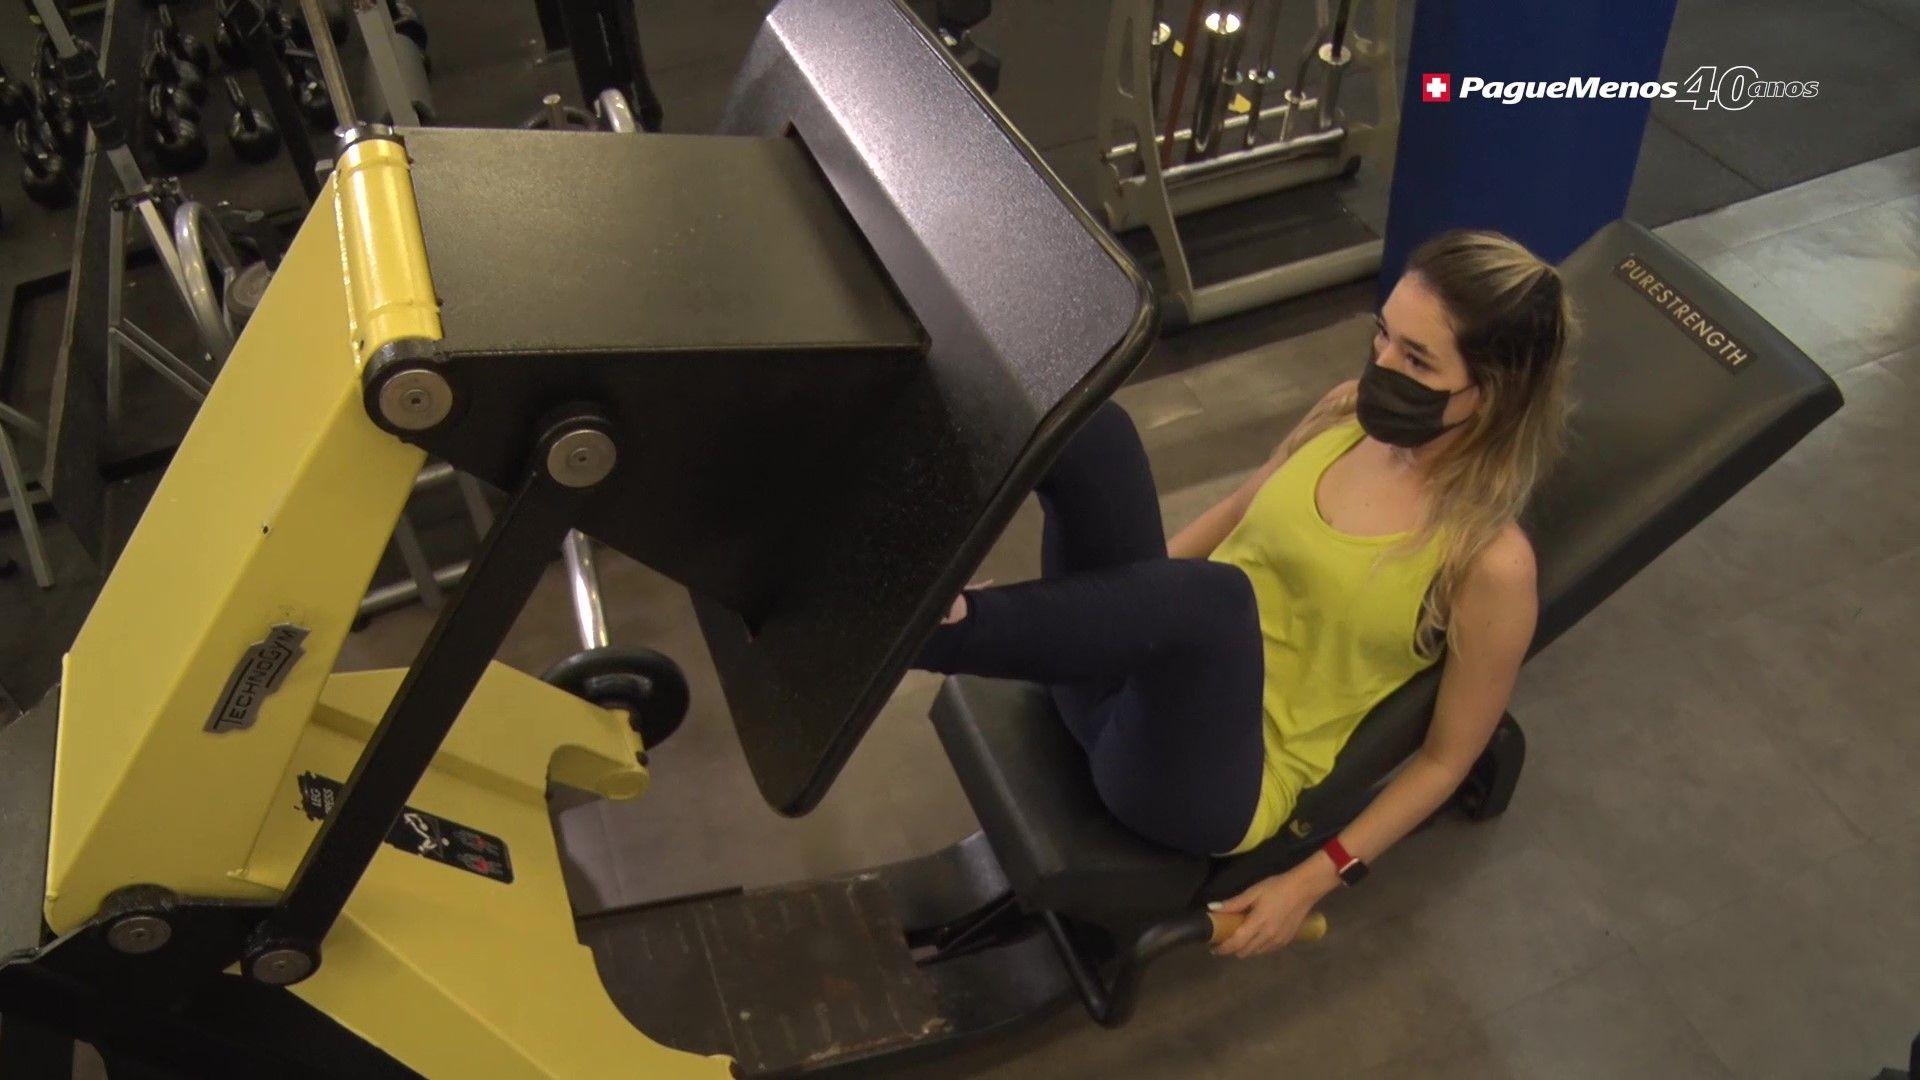 Movimente-se: Atividade Física É Saúde